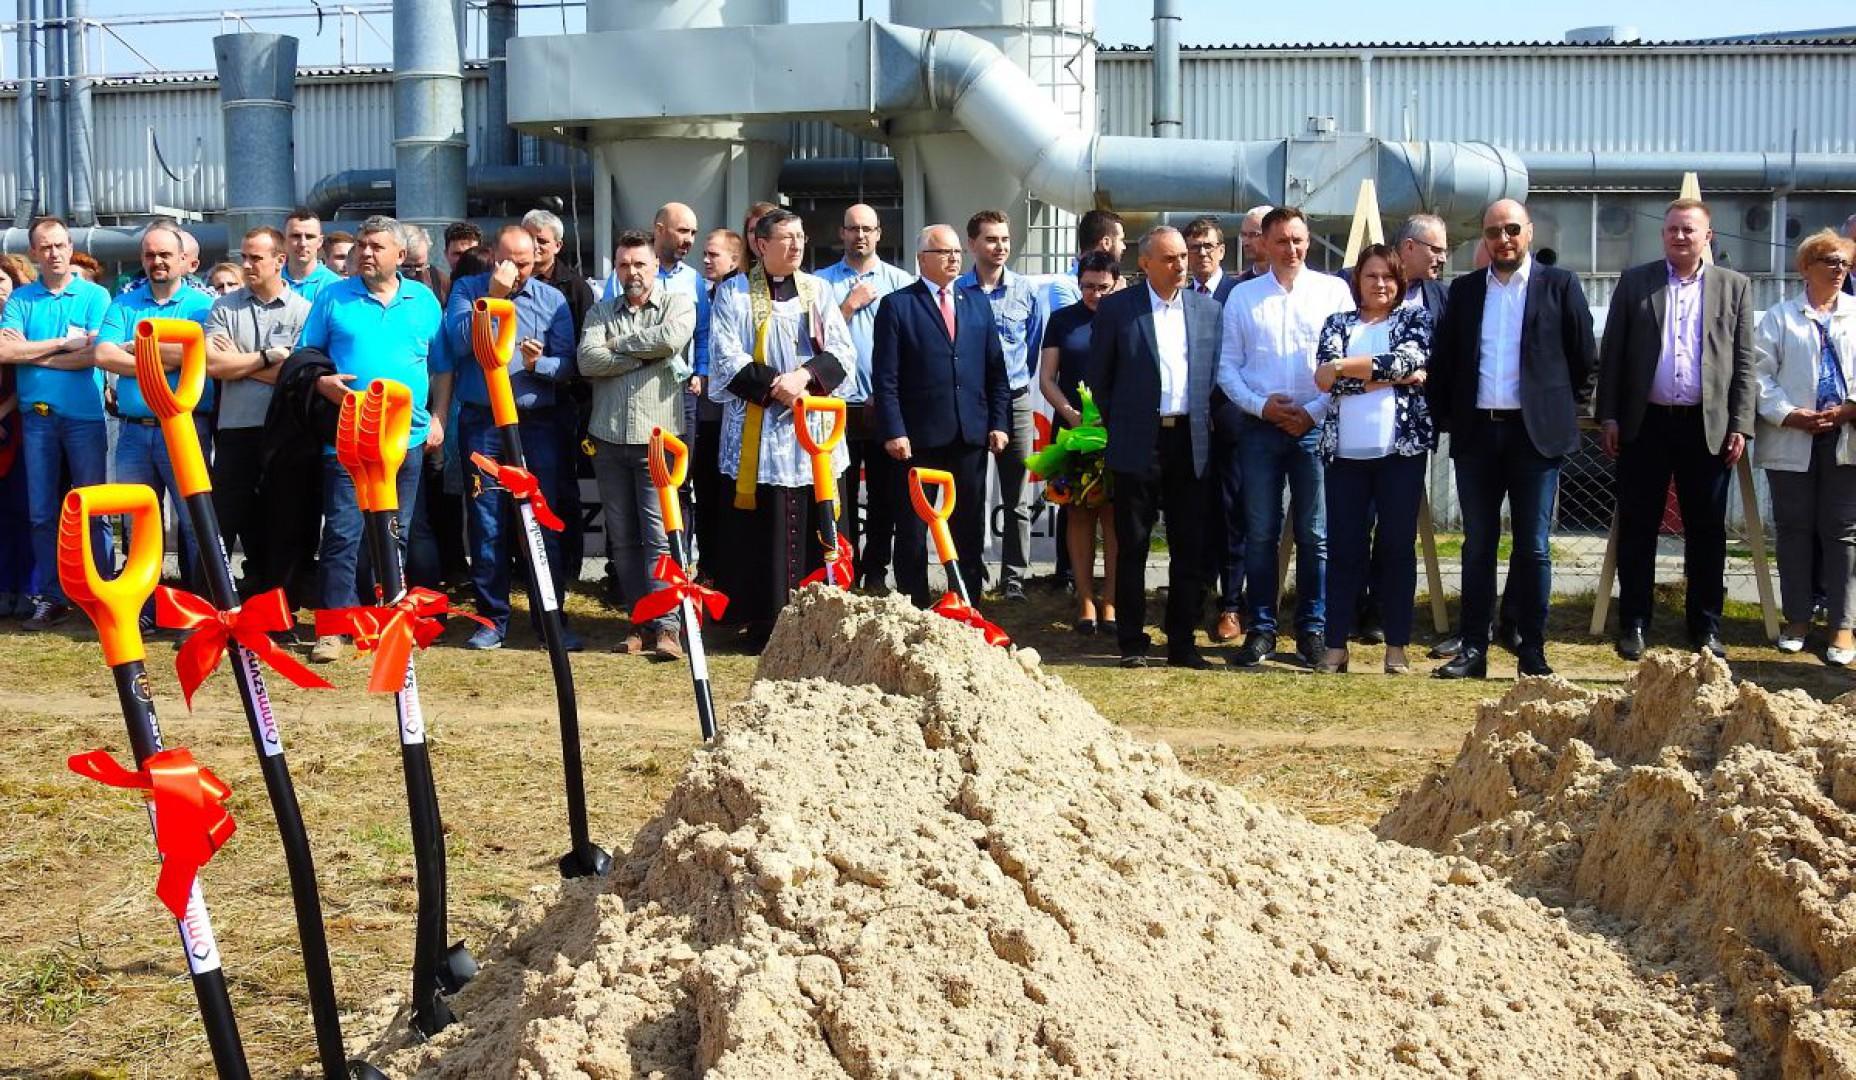 Nowy zakład Grupy Meblowej Szynaka jest zlokalizowany w Nowym Mieście Lubawskim i będzie częścią zakładu MM Szynaka Interline, Fot. Szynaka Meble